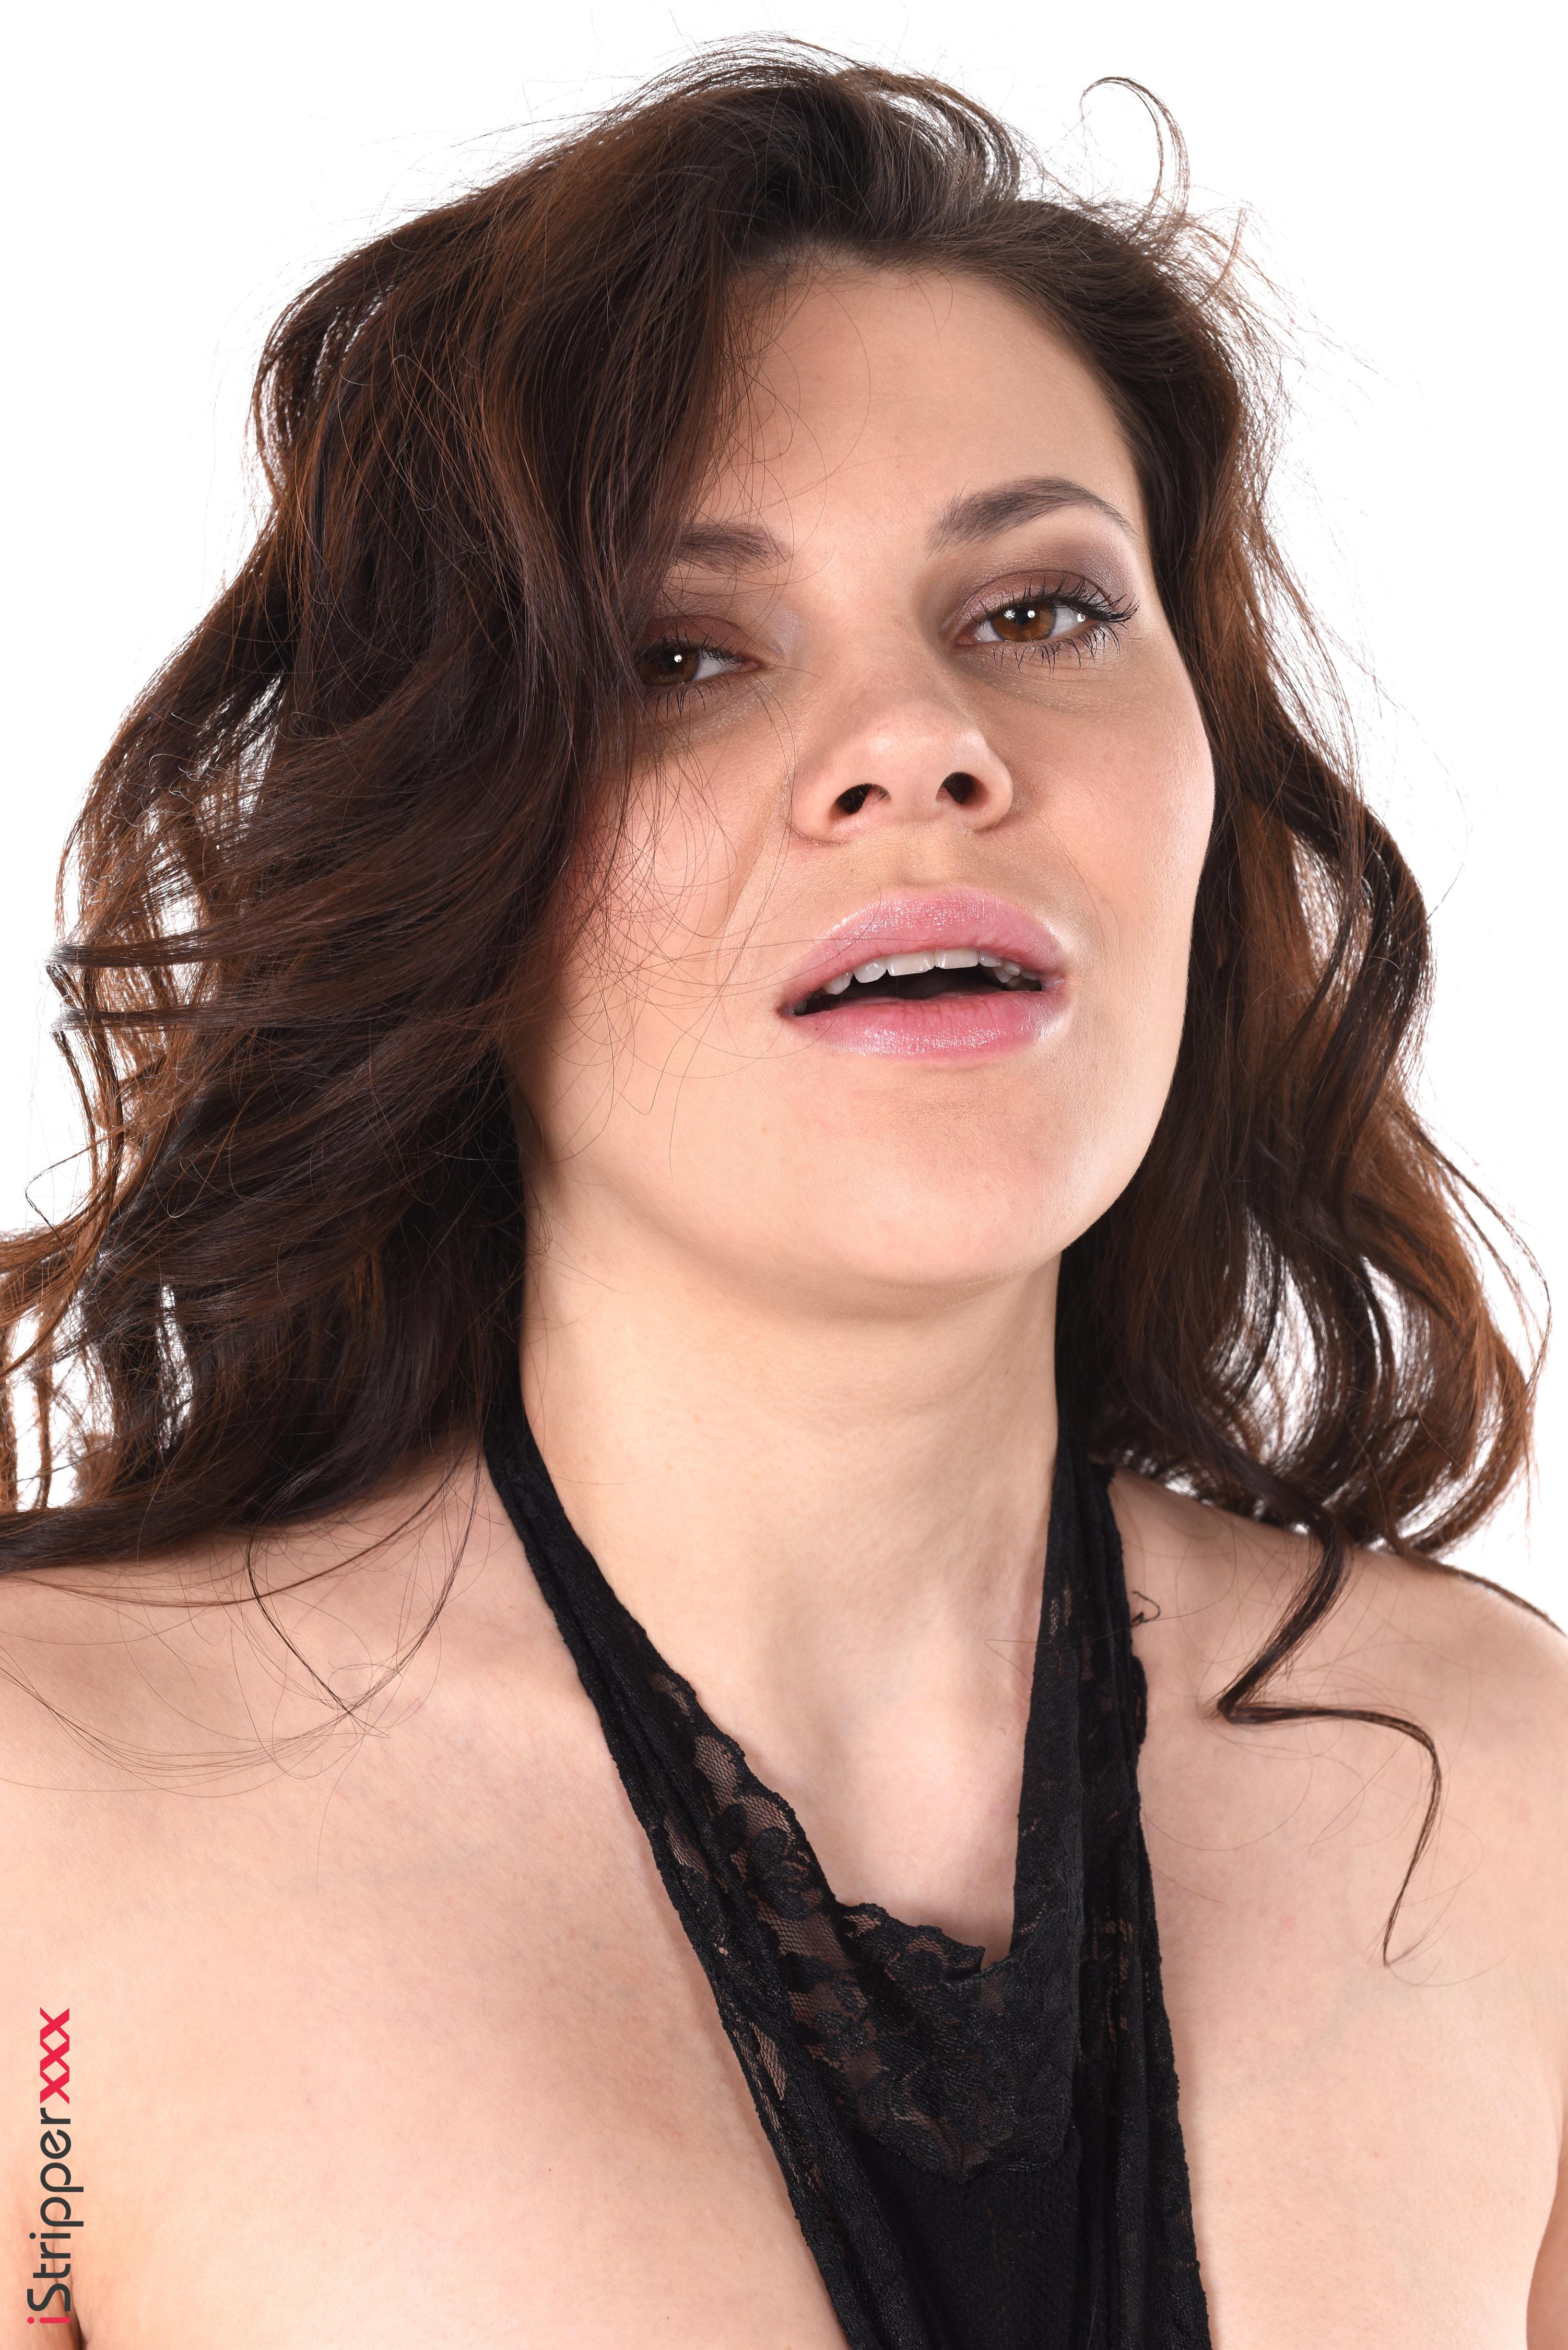 sexy australian babe striptease youstrip